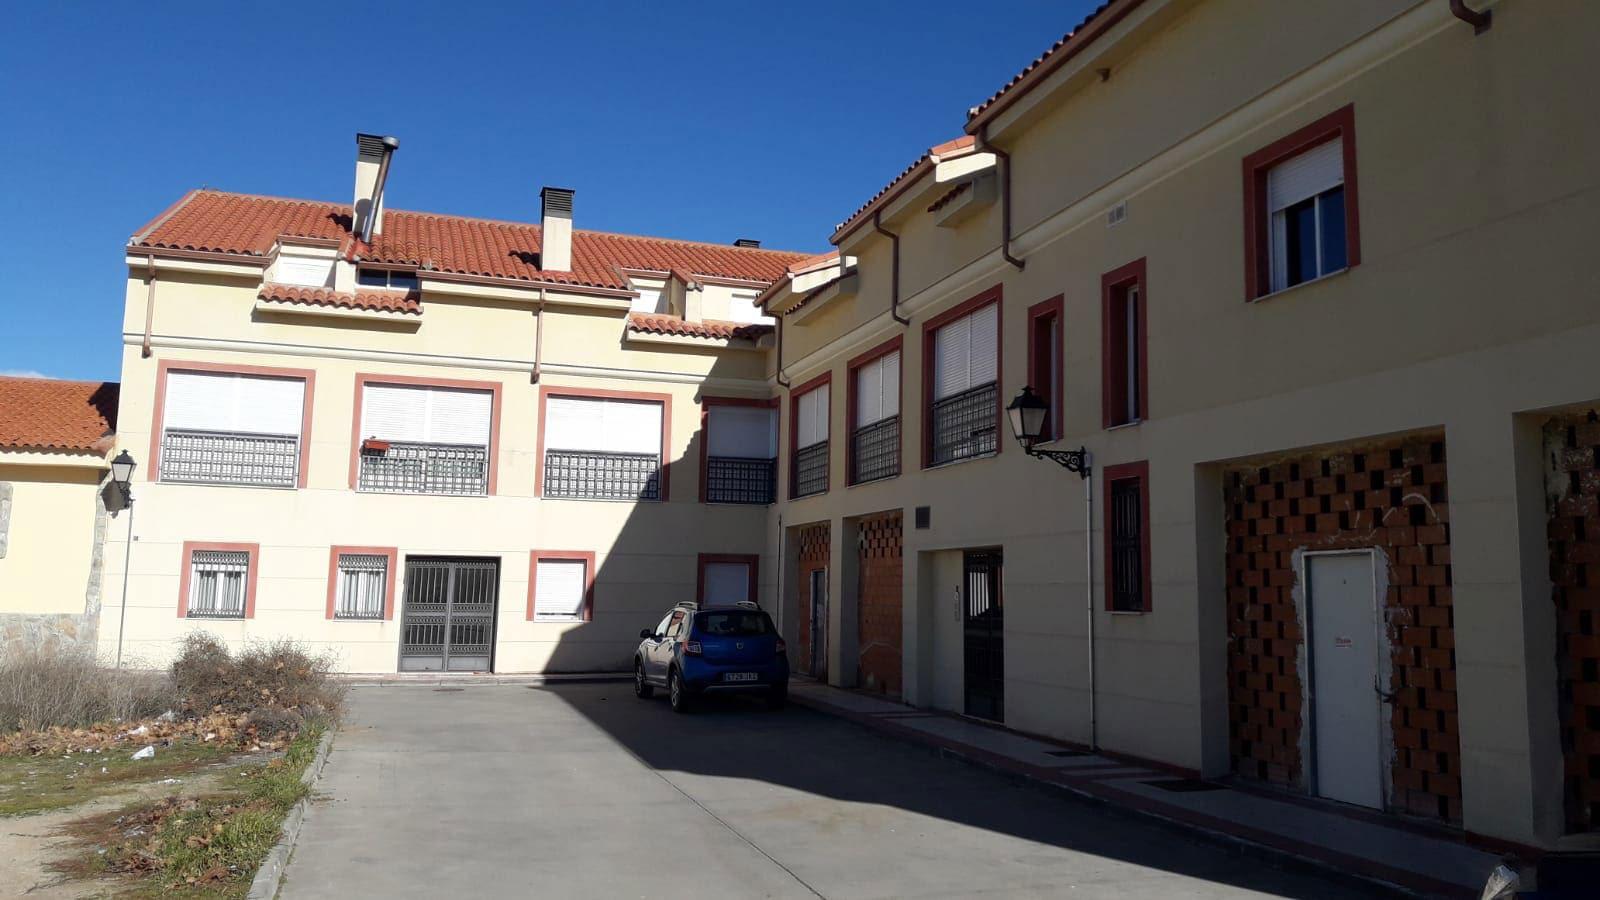 Oficina en venta en Pozo de Guadalajara, Guadalajara, Calle Manzano, 64.254 €, 104 m2